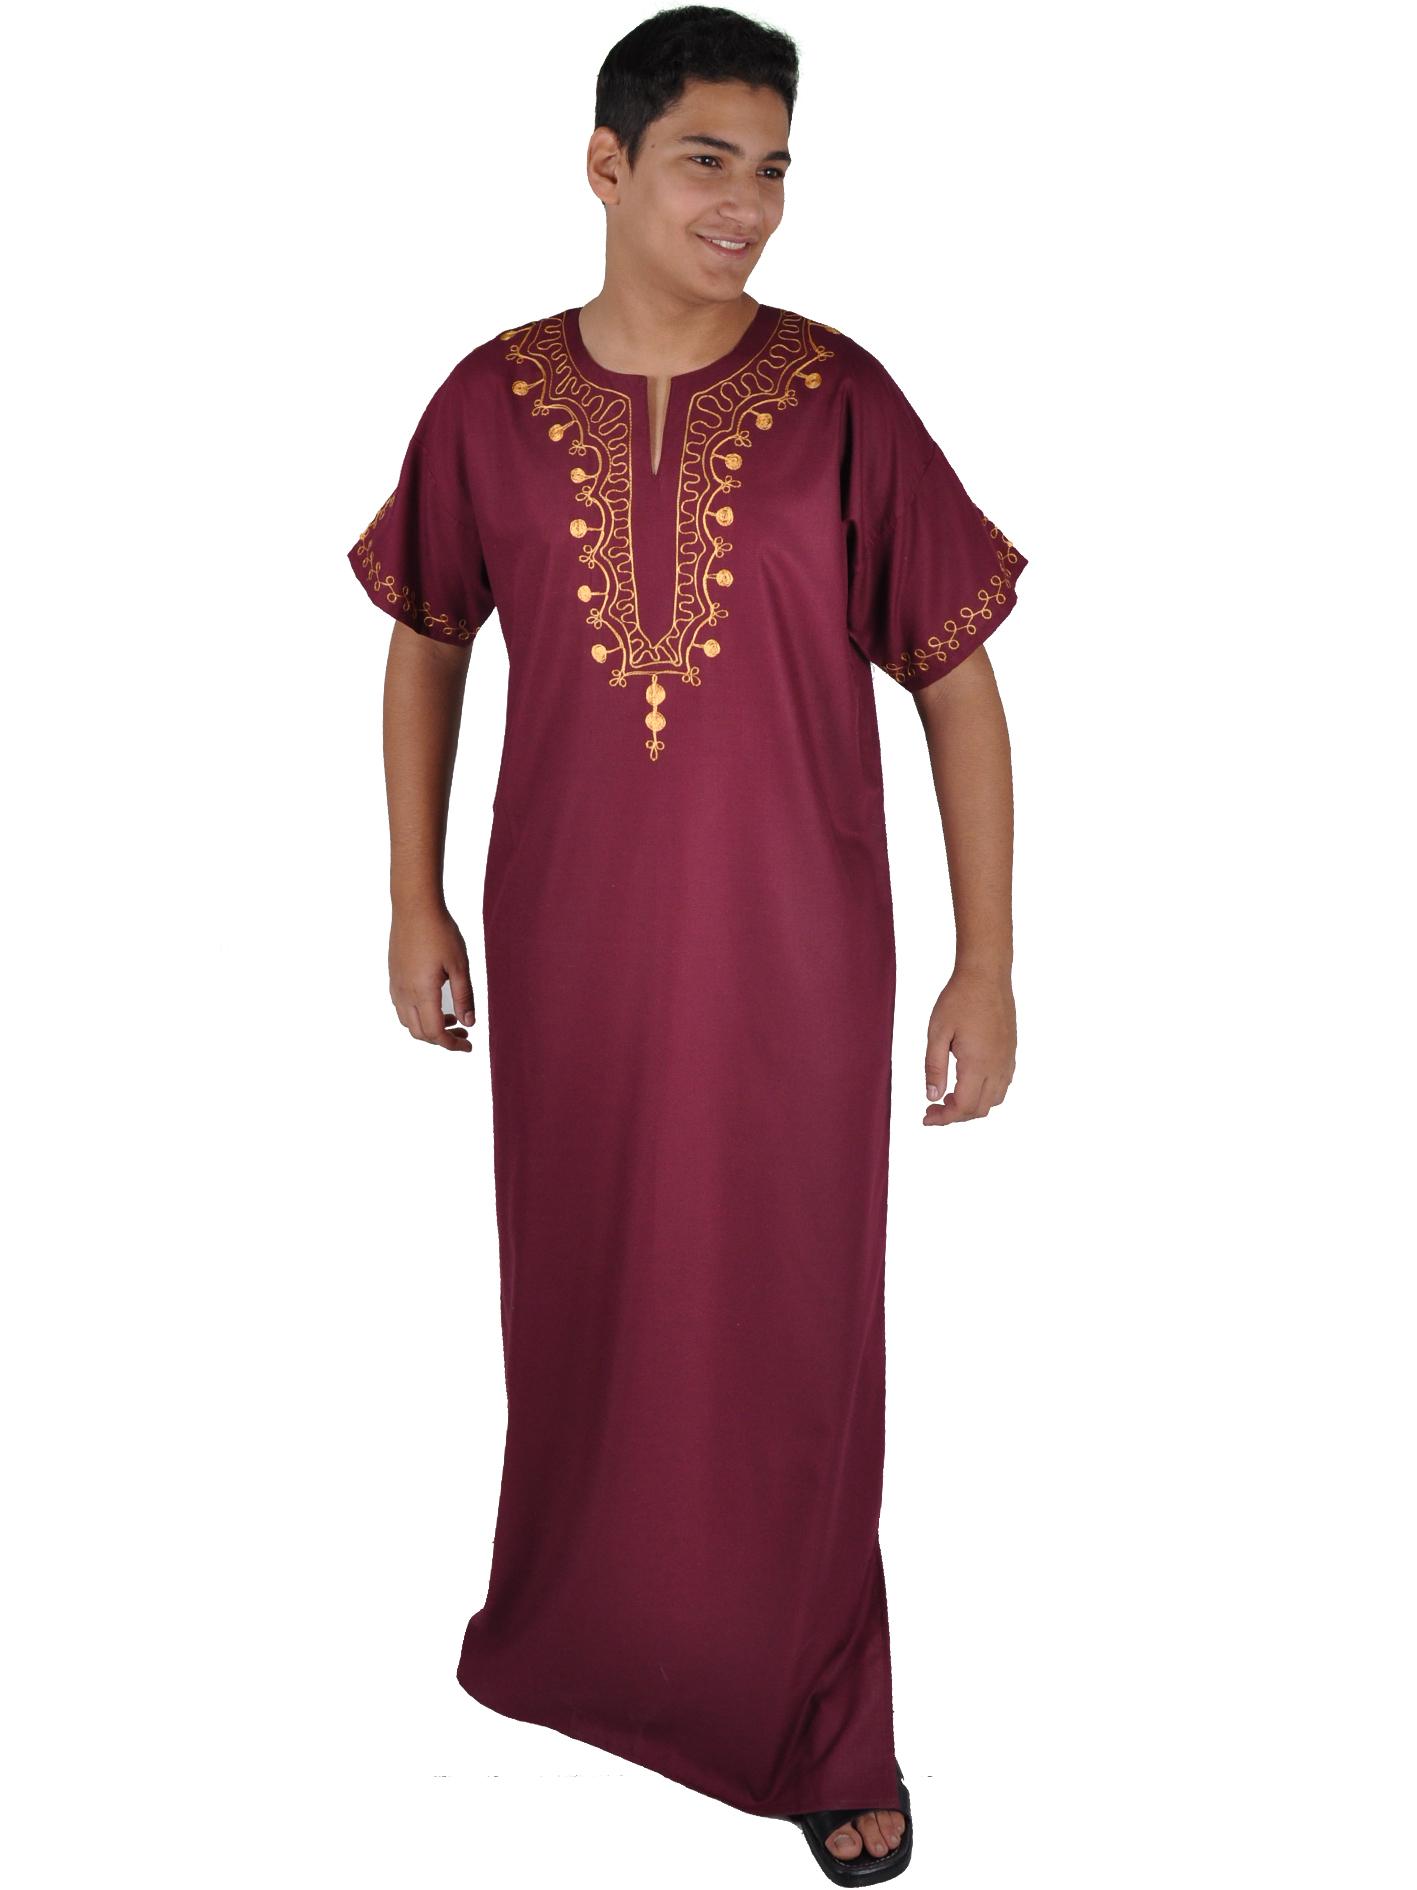 Herren Kaftan- Kaftan Kleid, Egypt Bazar für arabische Kleidung